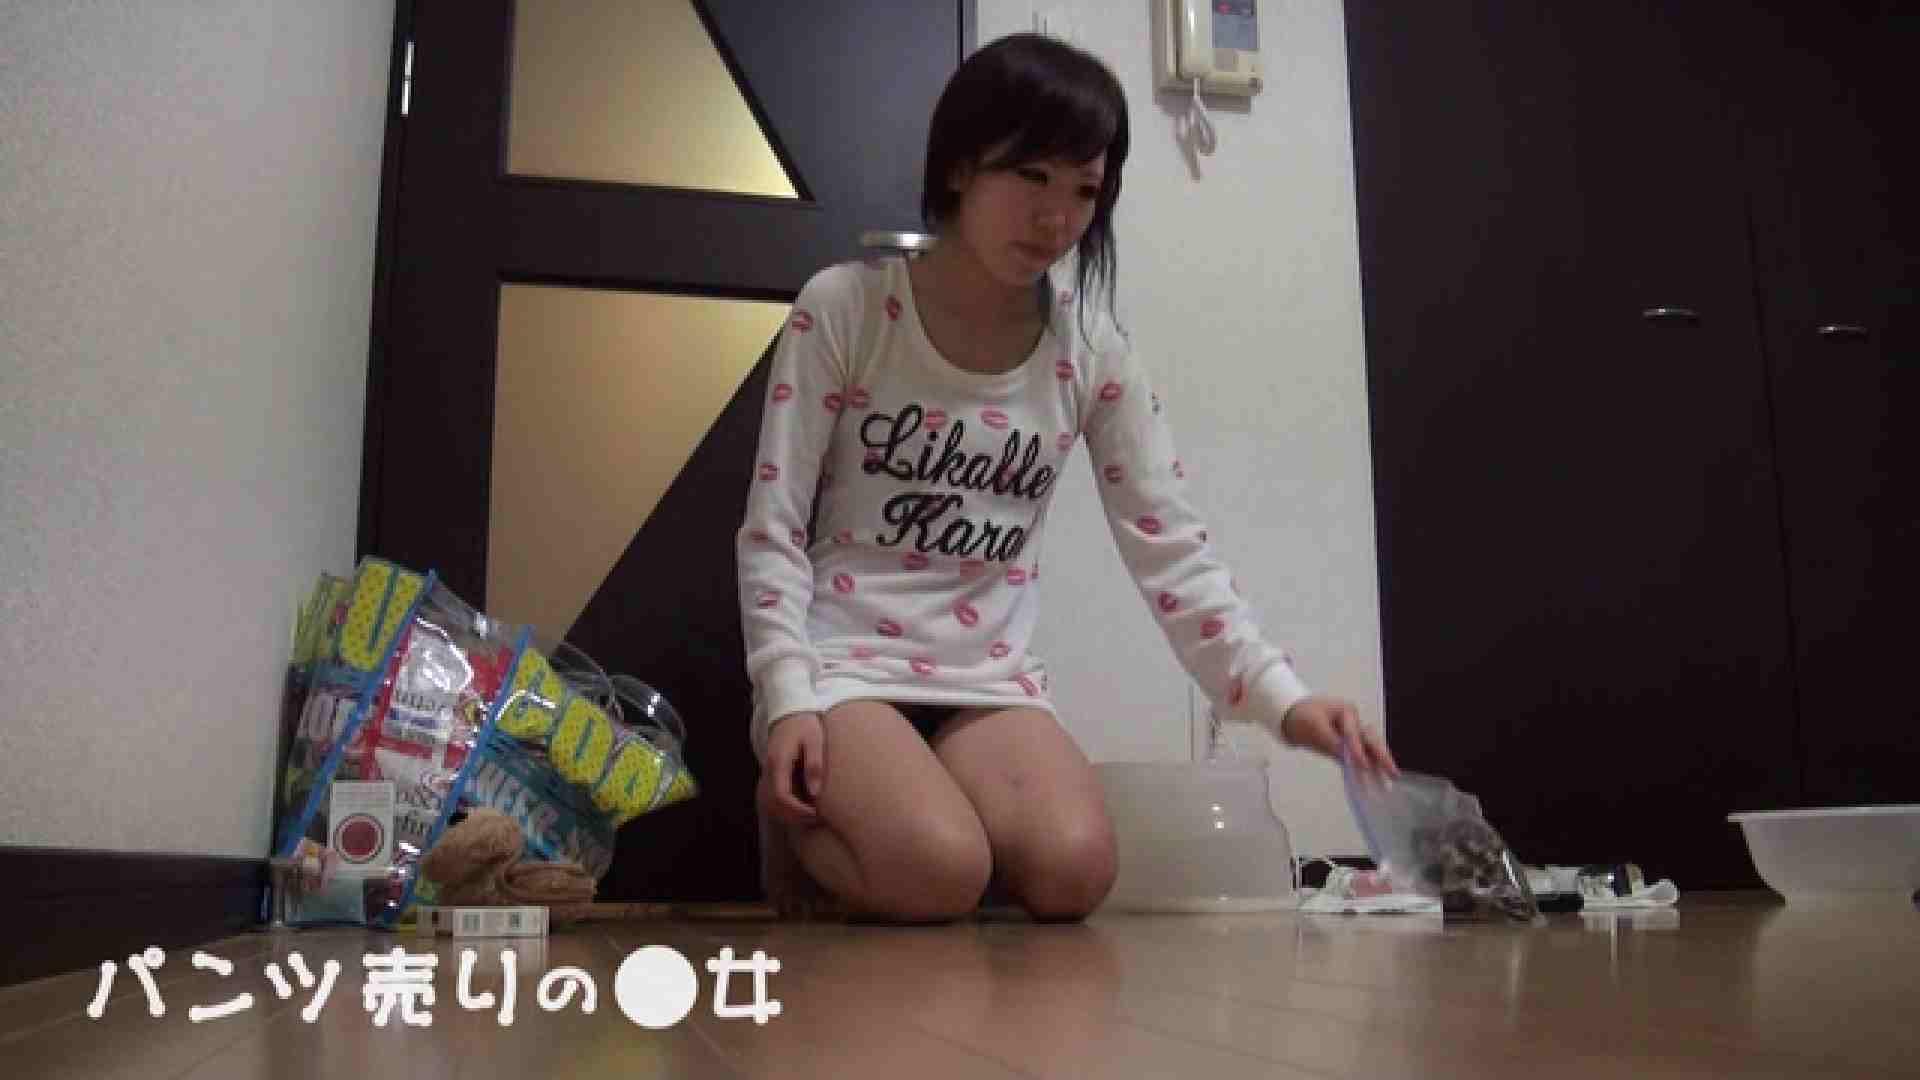 新説 パンツ売りの女の子nana 一般投稿  48pic 48